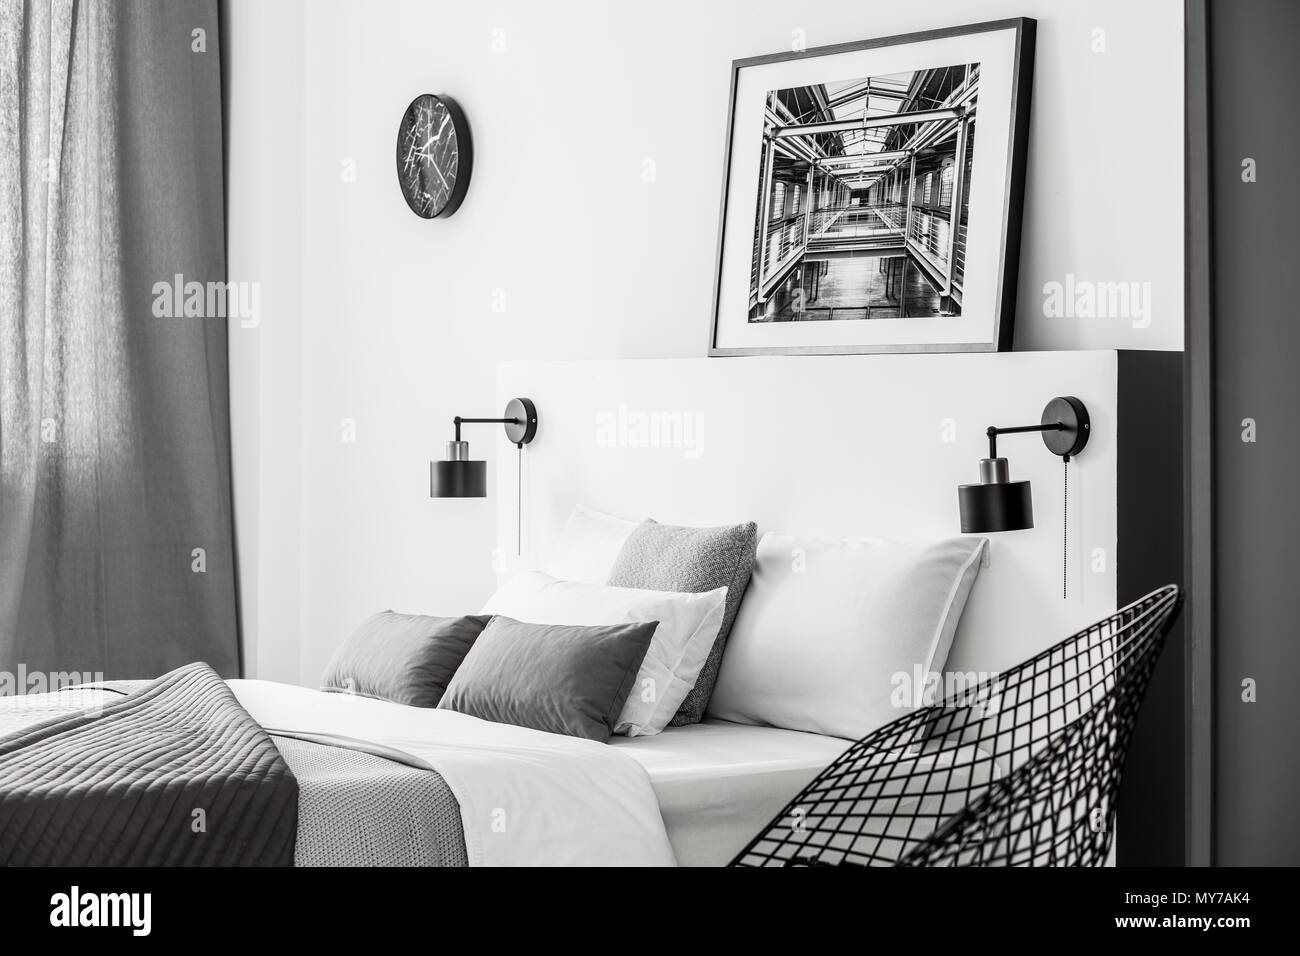 Poster Schlafzimmer Schwarz Weiß   Wohnen In Schwarz Weiß Dekotipps ...